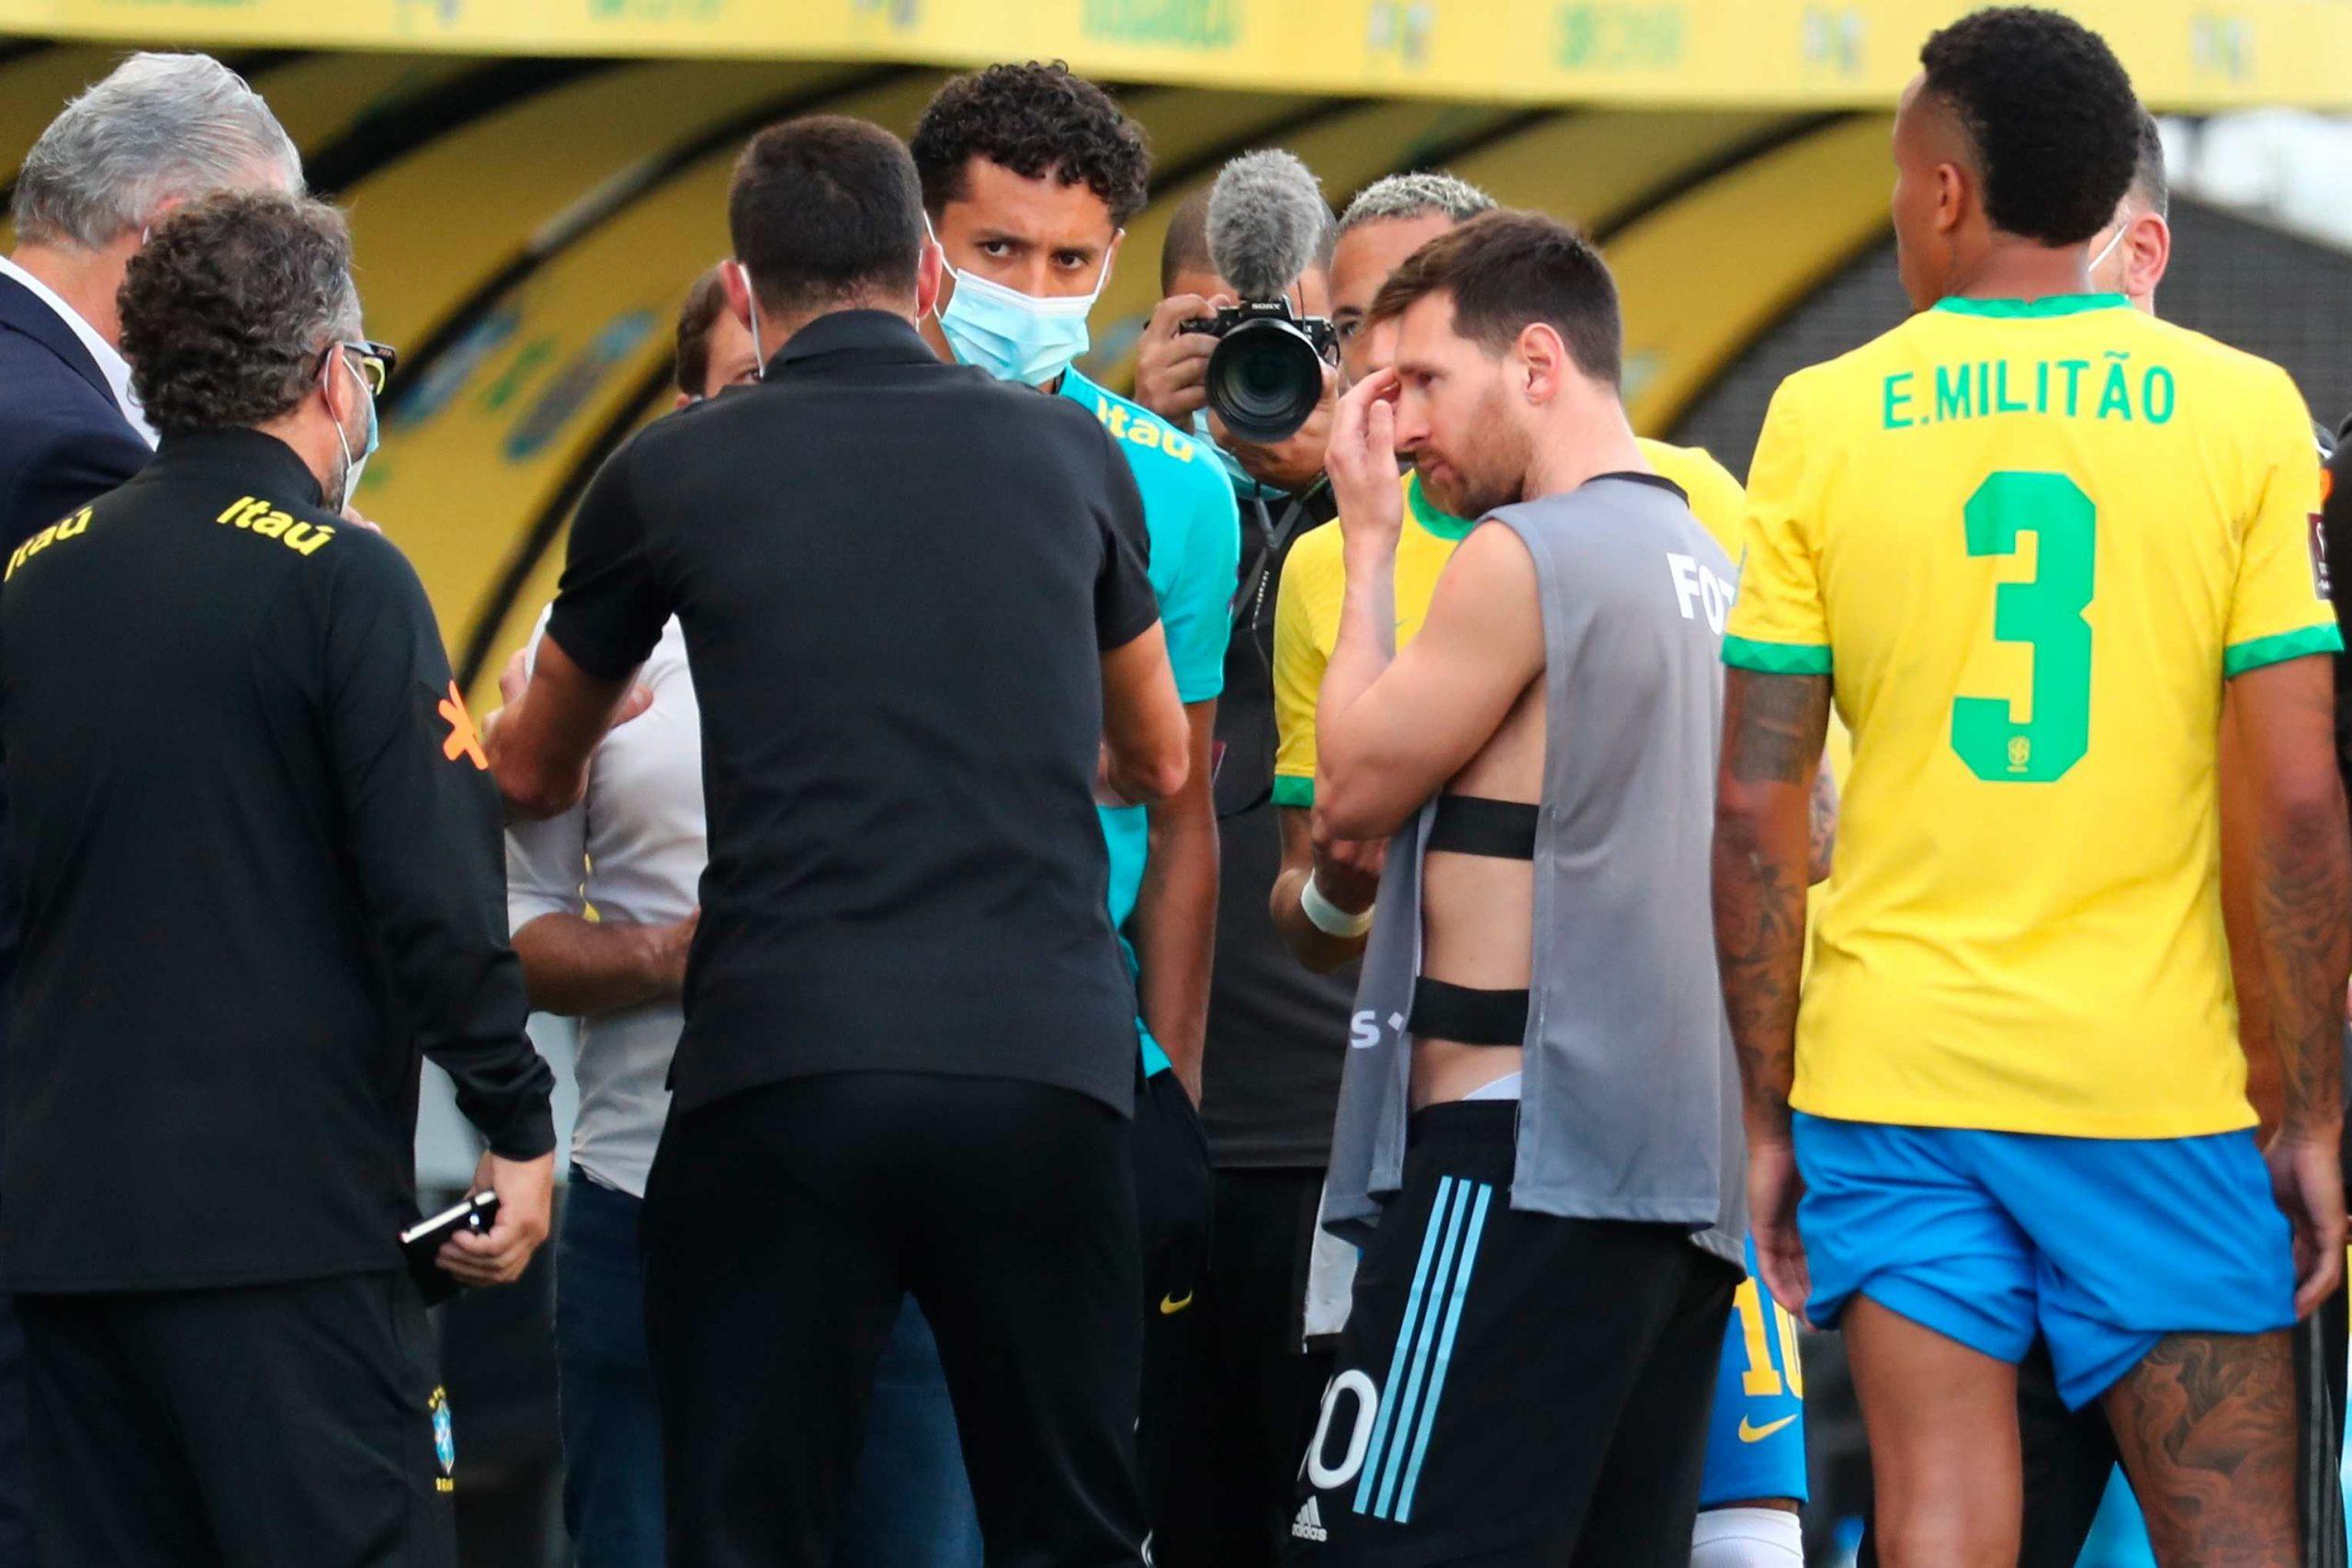 ¿Qué discutieron Messi, Neymar, Scaloni y Tite con el técnico de la selección brasileña durante la suspensión del partido?  - Prensa Libre